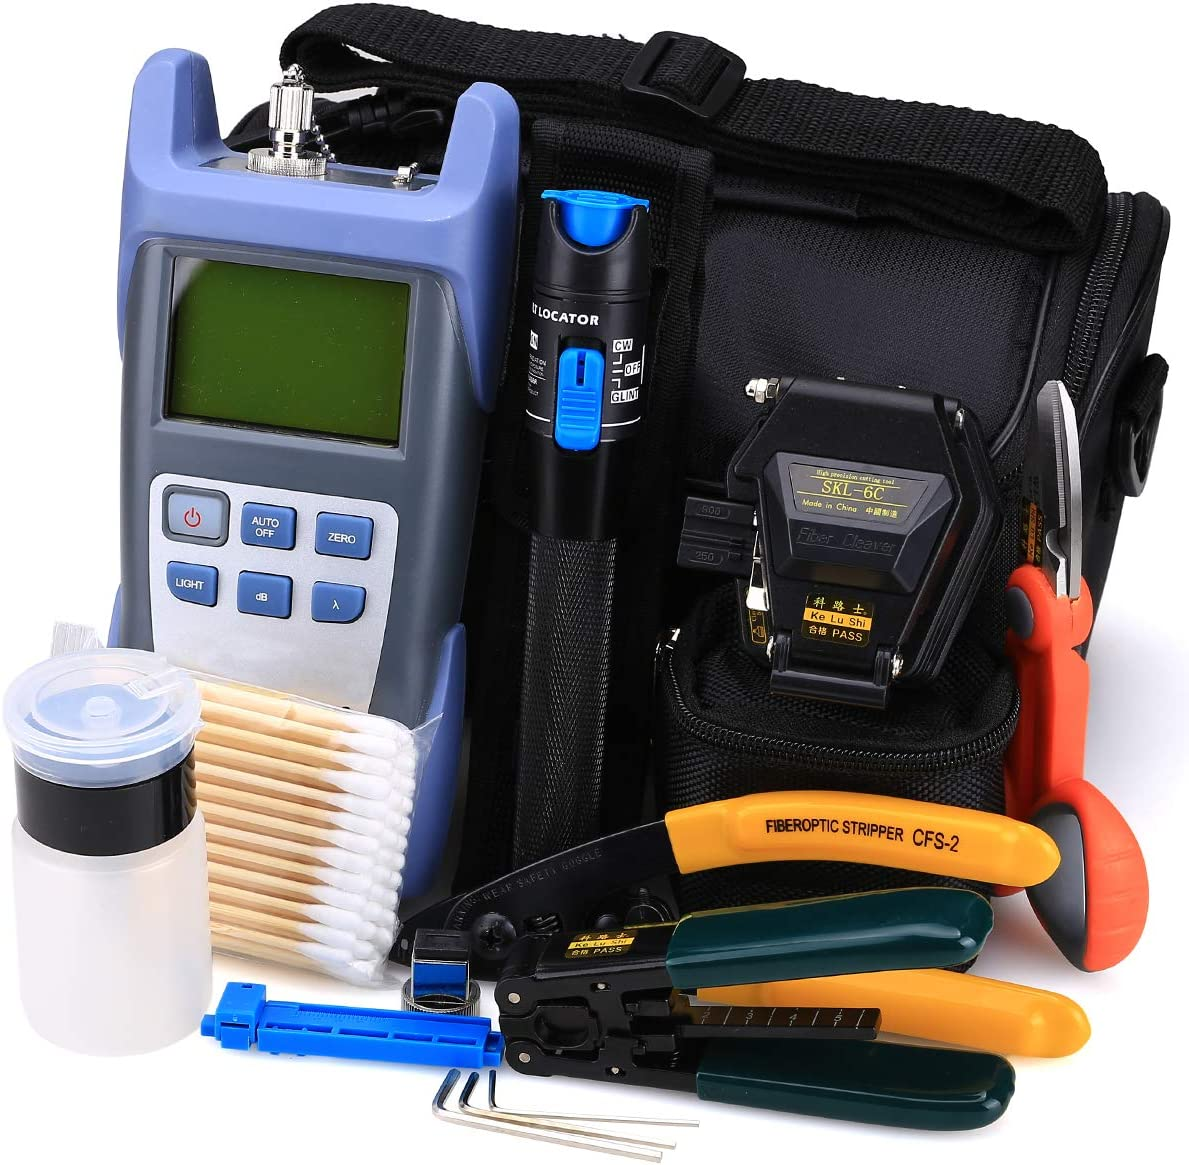 Kit de herramientas de fibra óptica FTTH 18 en 1 con medidor de potencia de fibra óptica, localizador visual de fallas y herramienta de pelado 6C de cuchilla de fibra